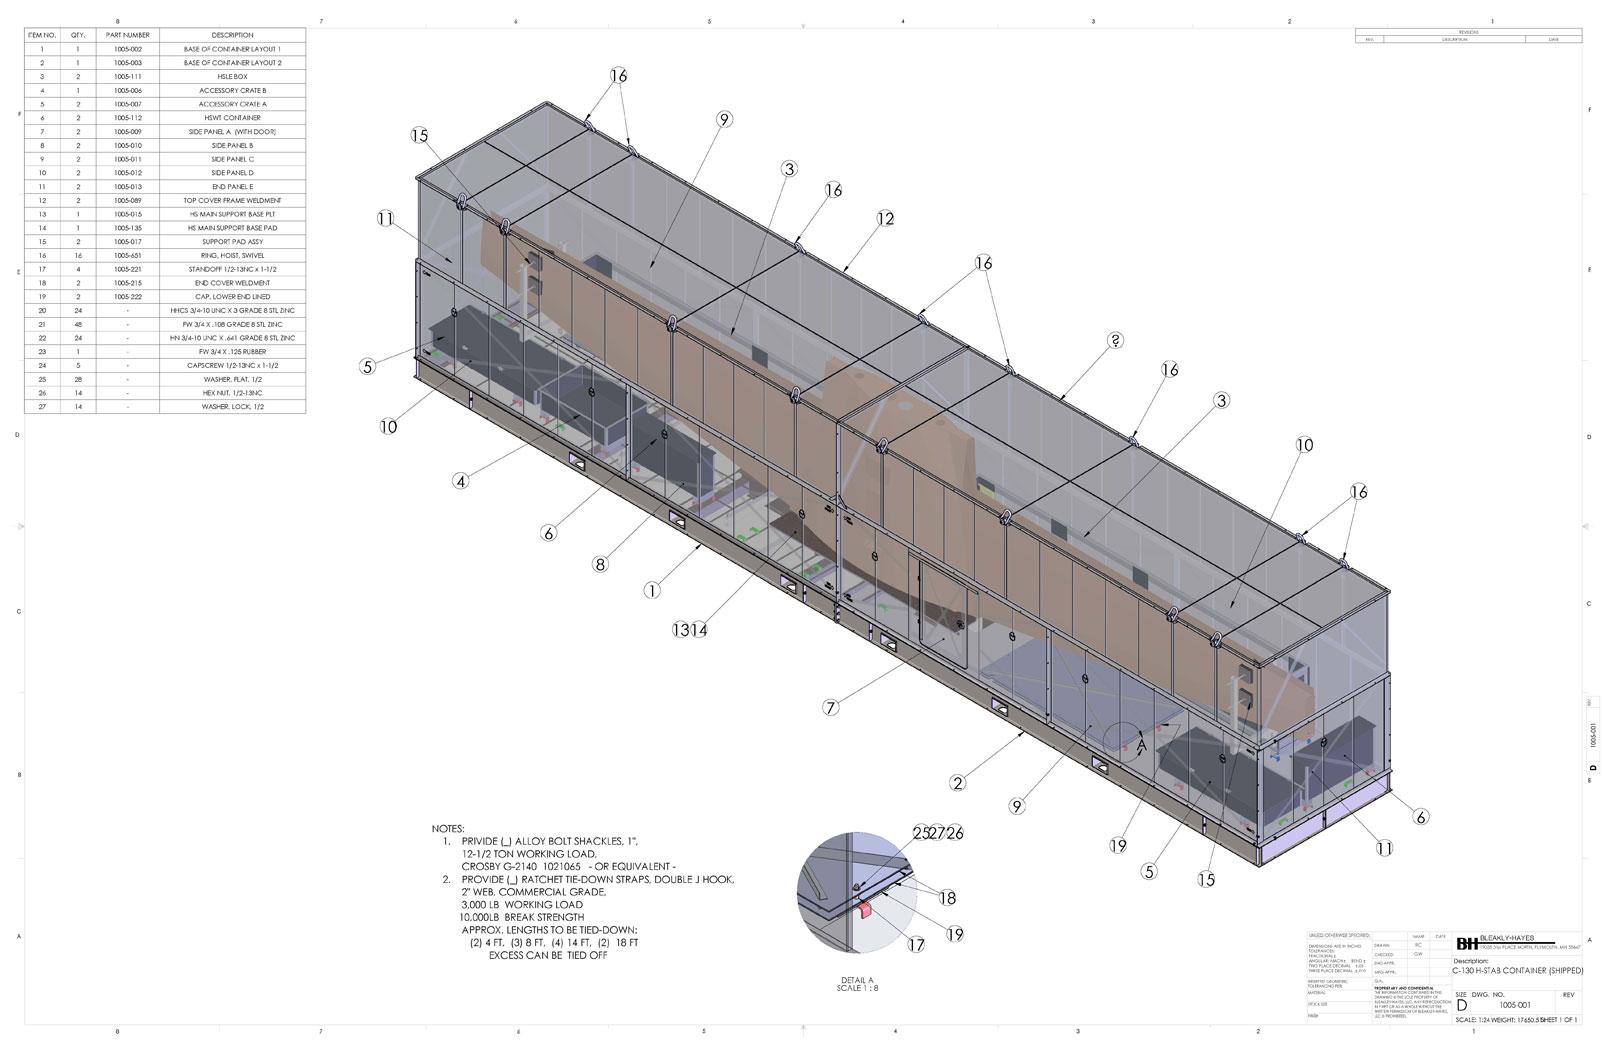 http://www.arprodev.com/images/images1/cargo3.jpg